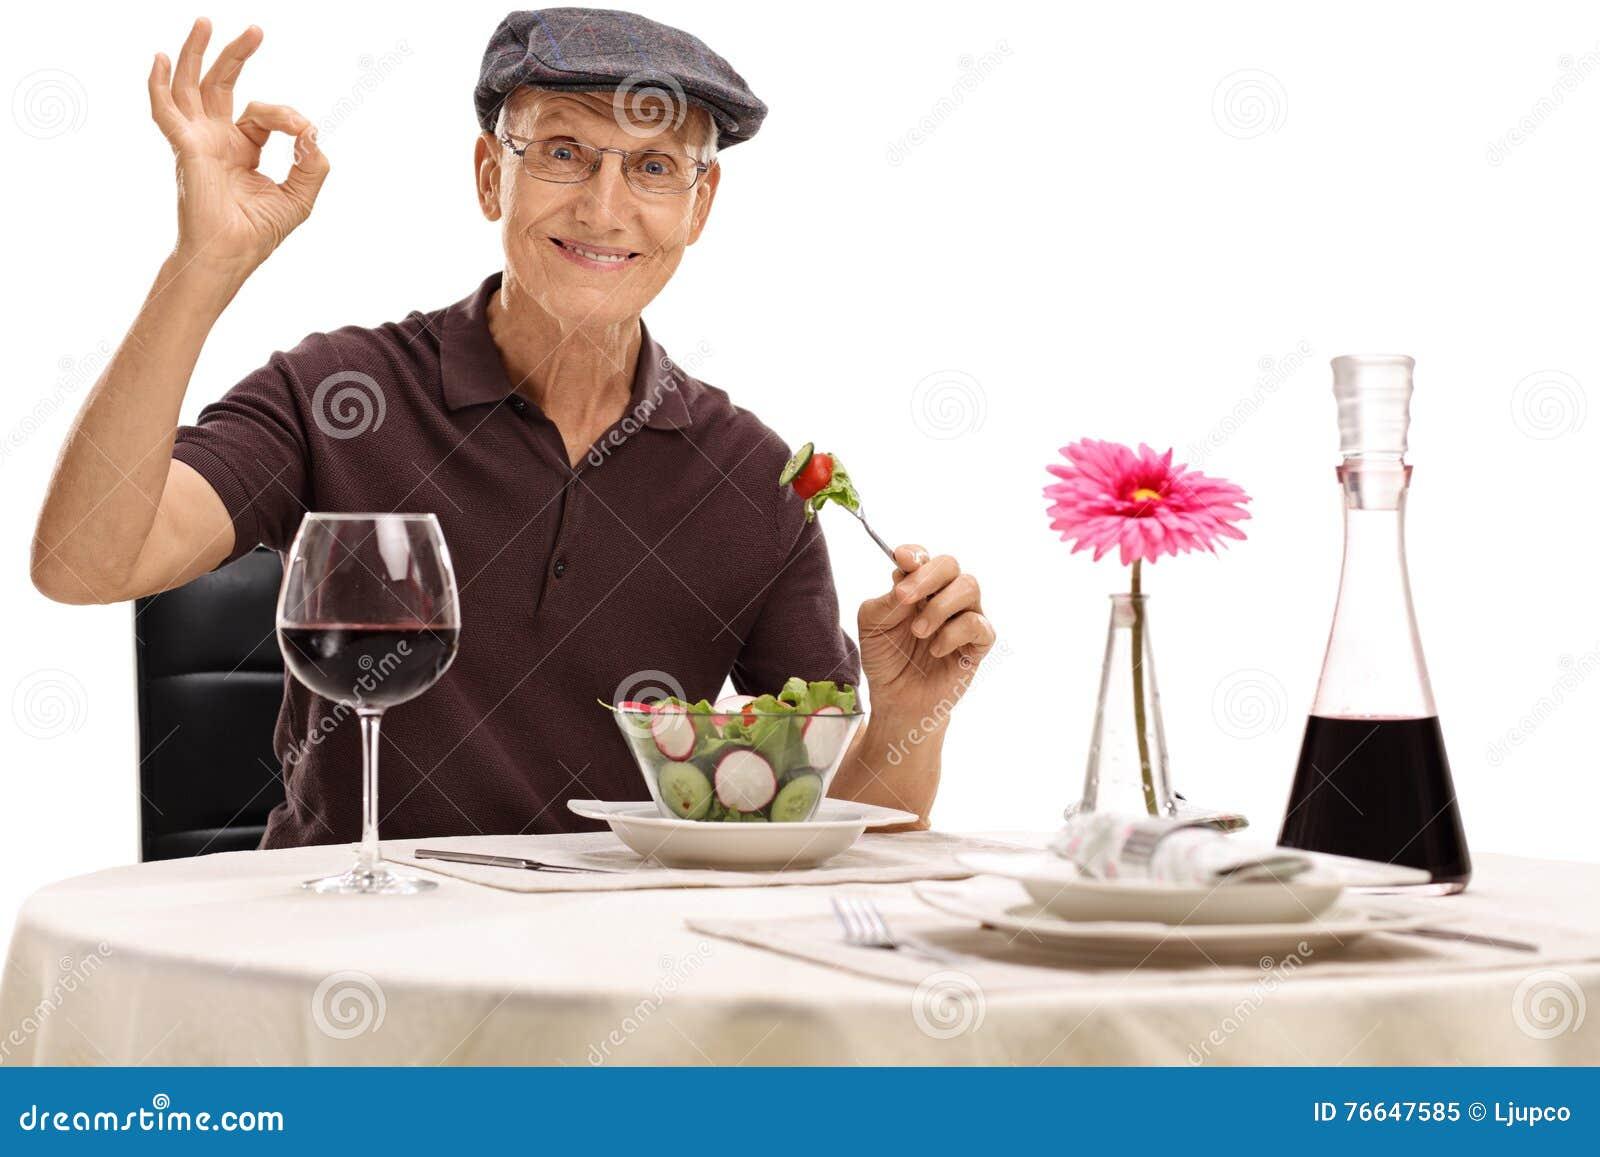 Mangiatore di uomini un insalata e fare un gesto giusto